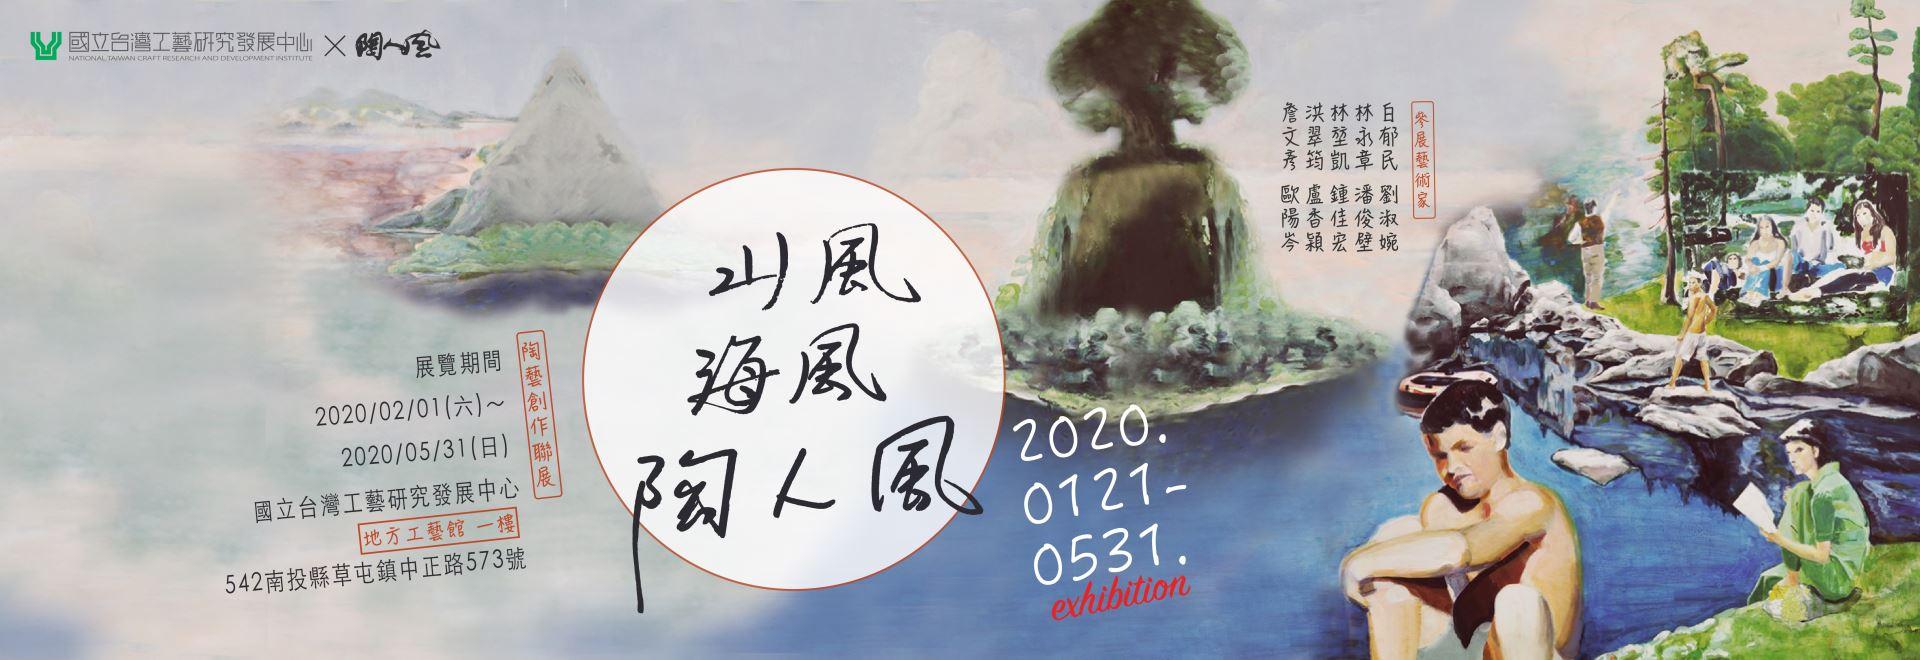 「山風、海風、陶人風」-陶藝創作聯展「另開新視窗」